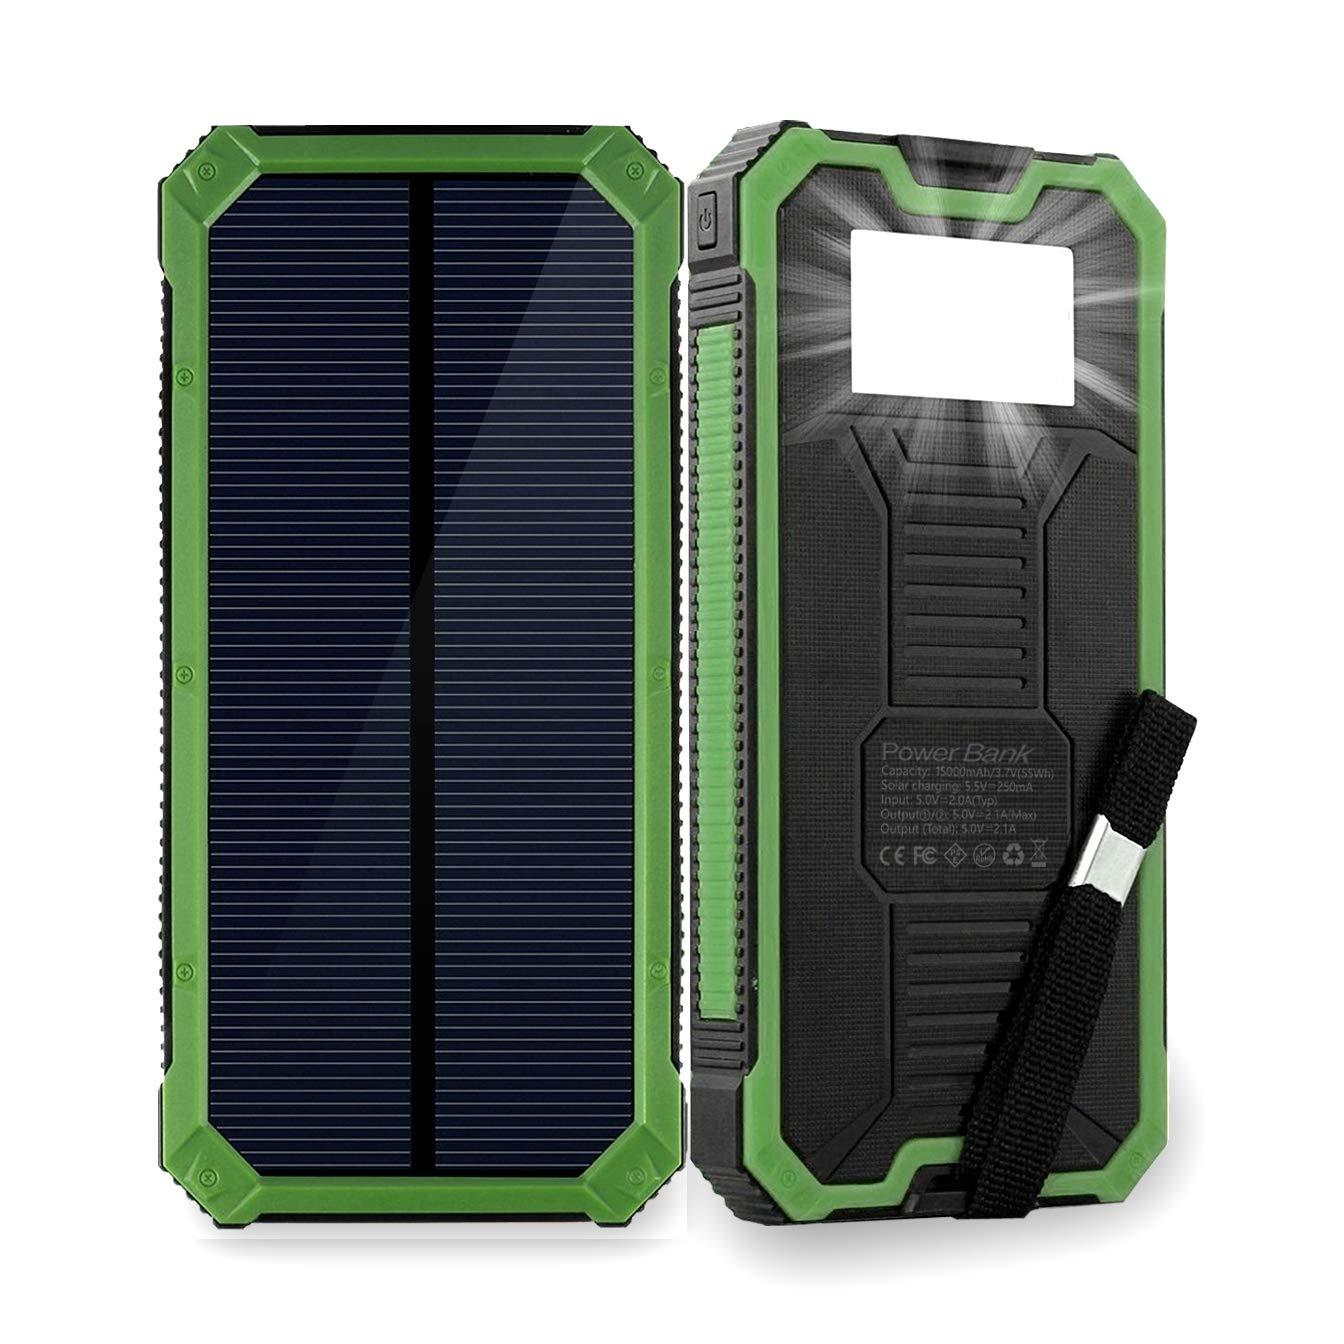 Cargador Solar Portatil Con Bateria De 15000mah Friengood Ve